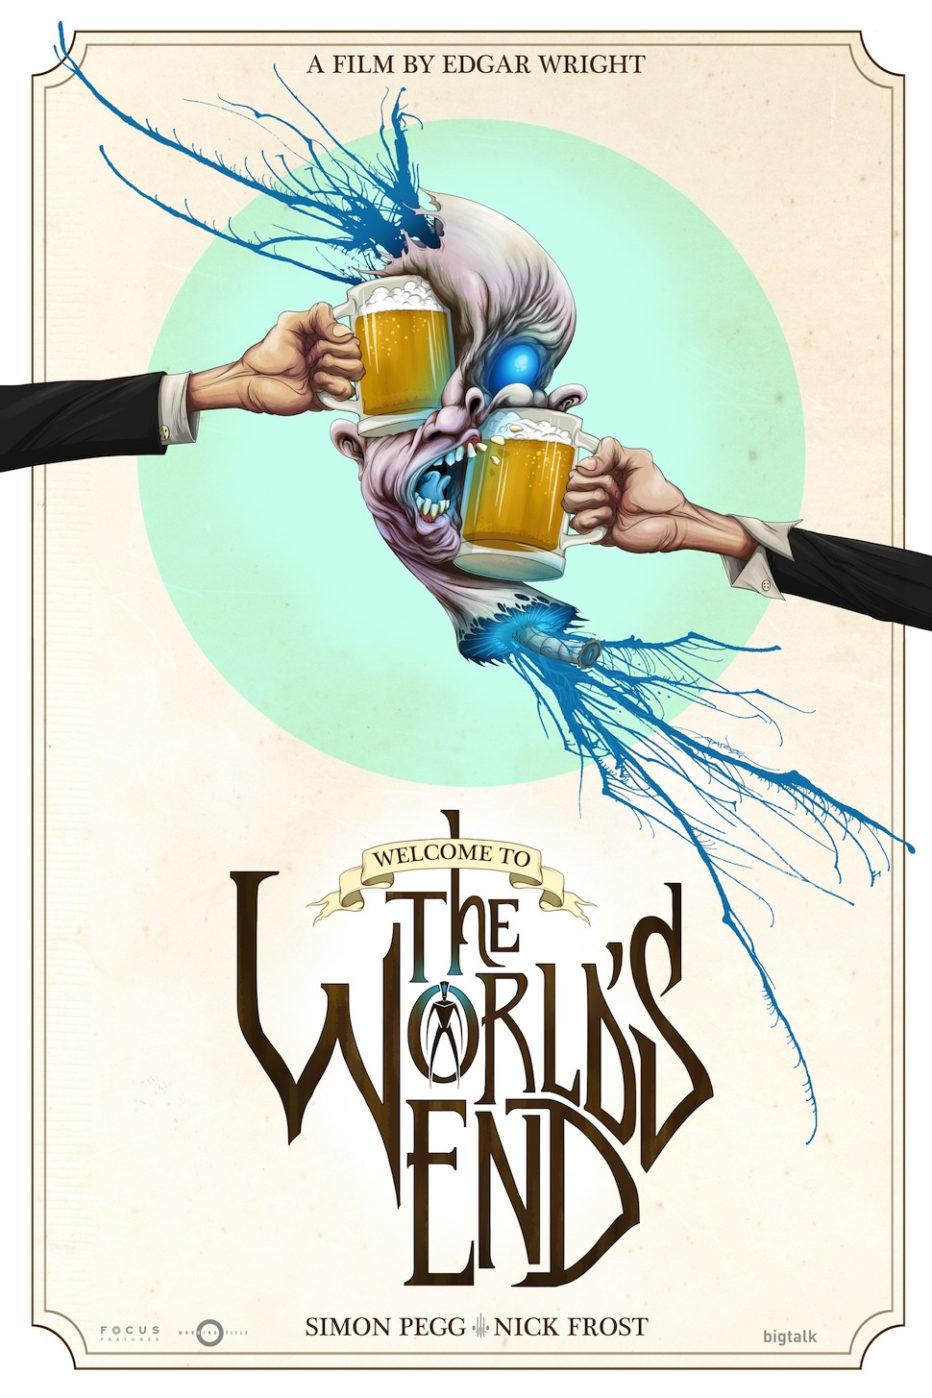 Nuevo y espectacular poster de The world's End